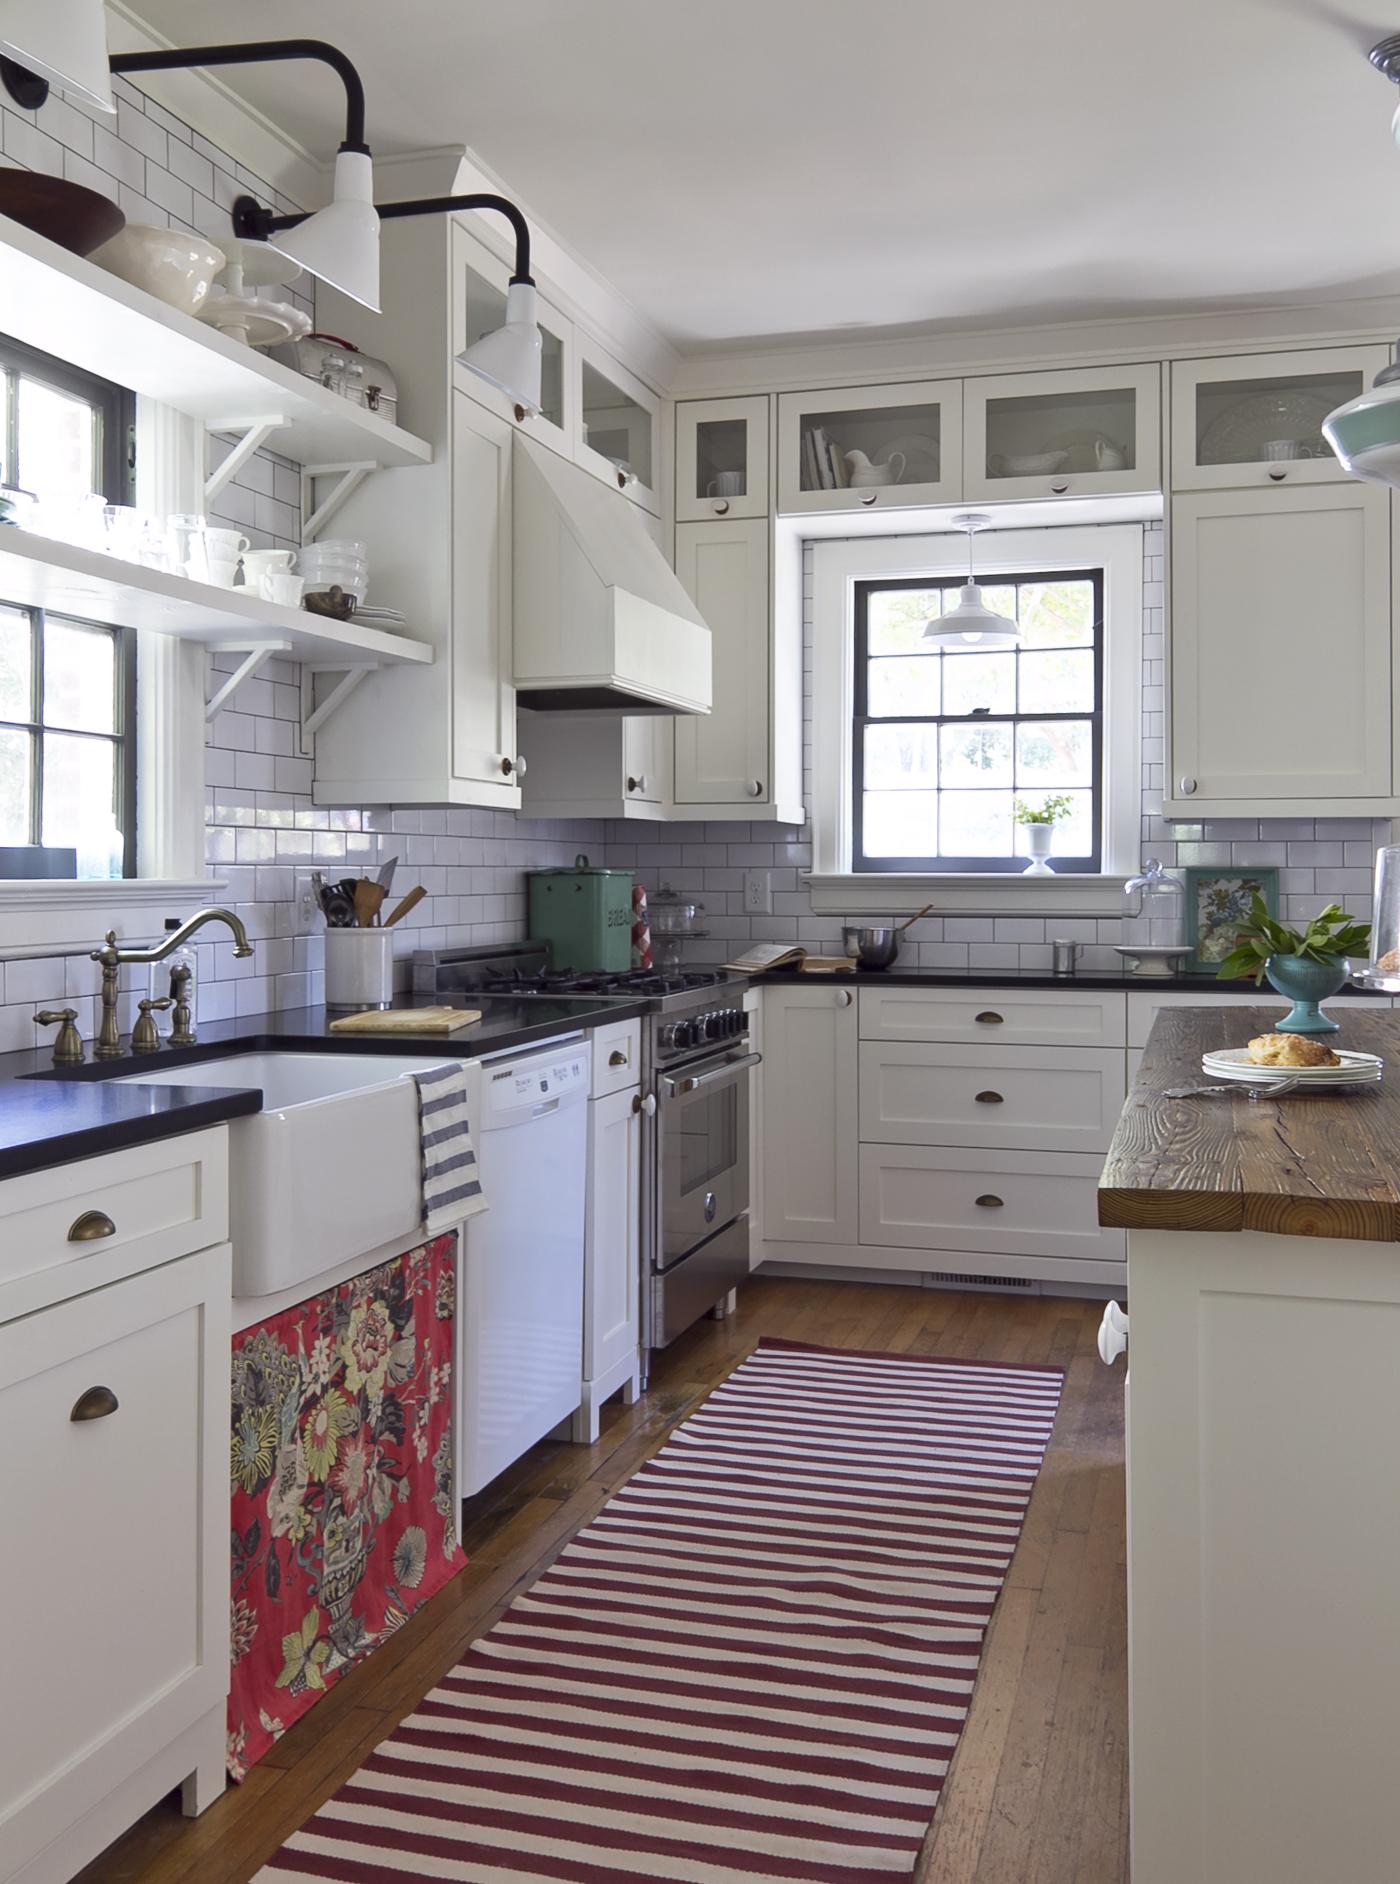 decatur kitchen 5.jpg